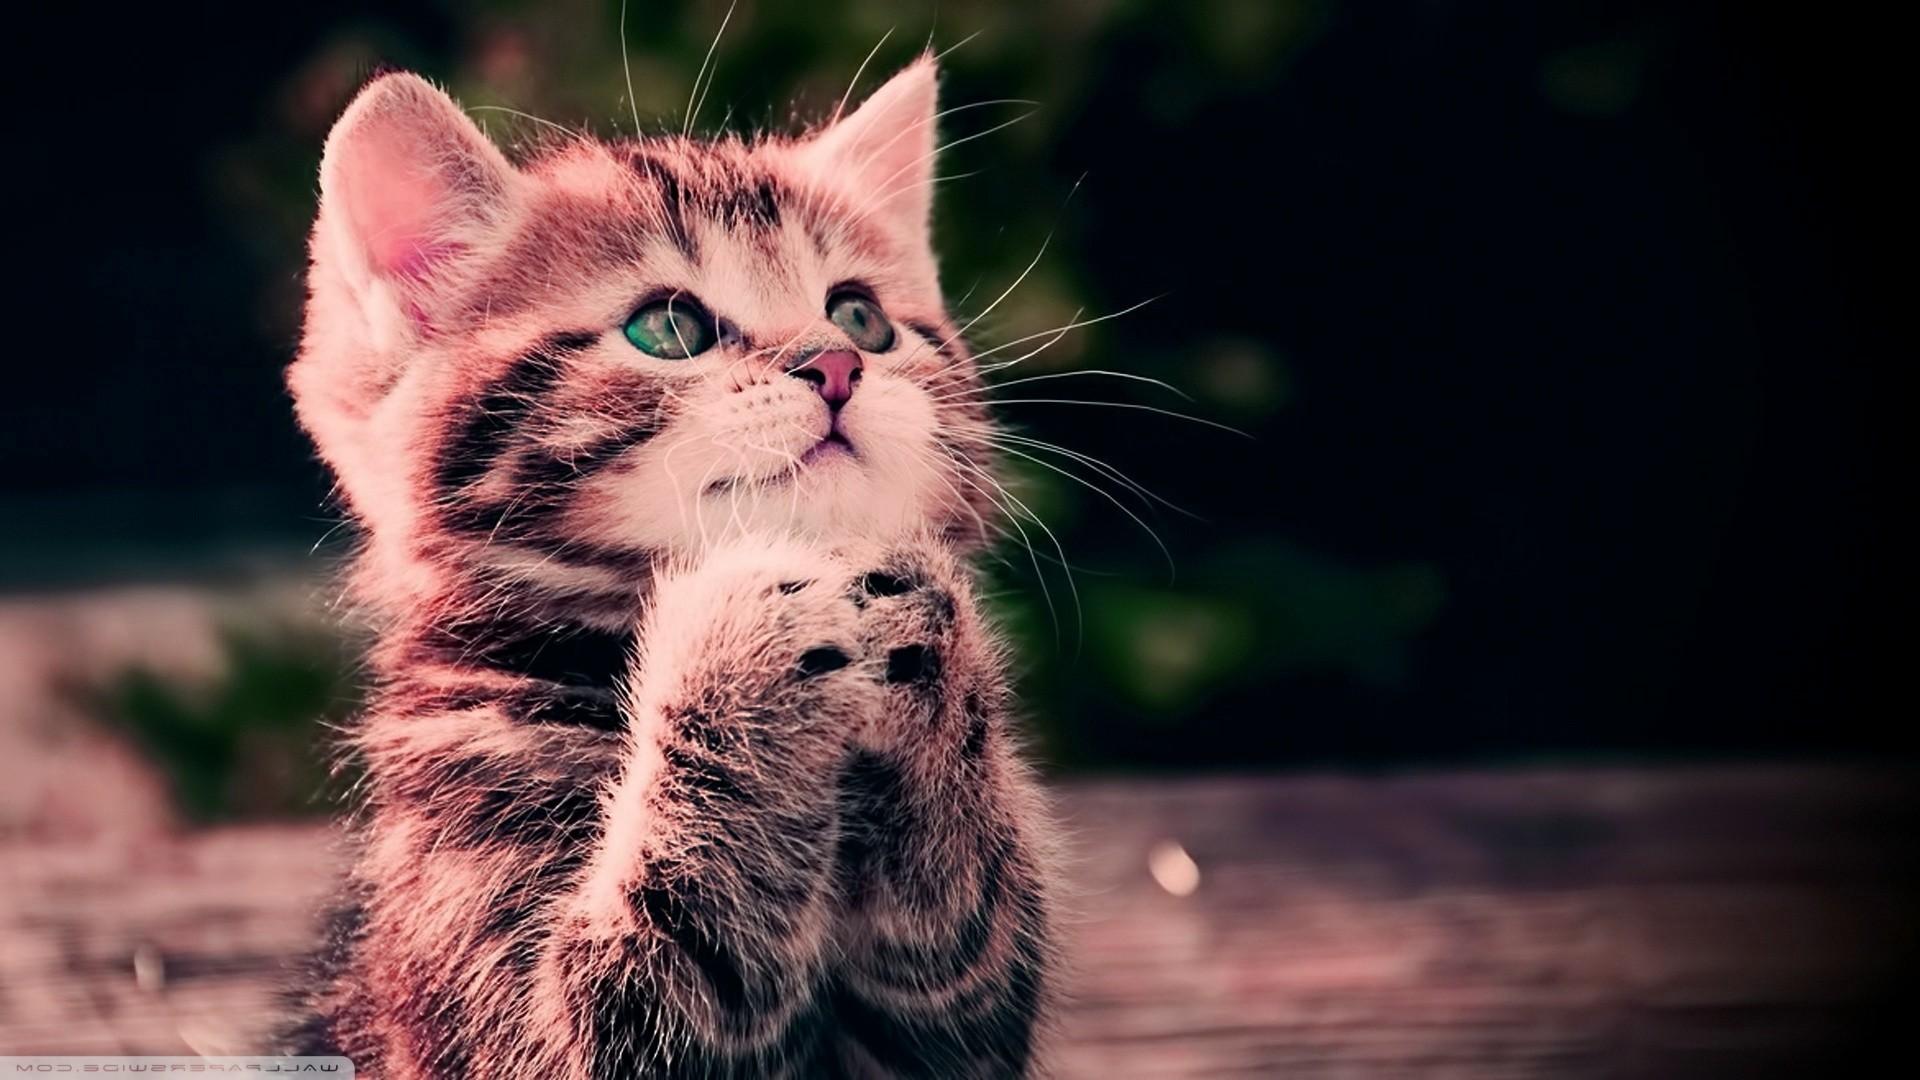 Animal Para Fondo De Pantalla: Descargar Wallpaper Para Computadoras Gratis (59+ Images